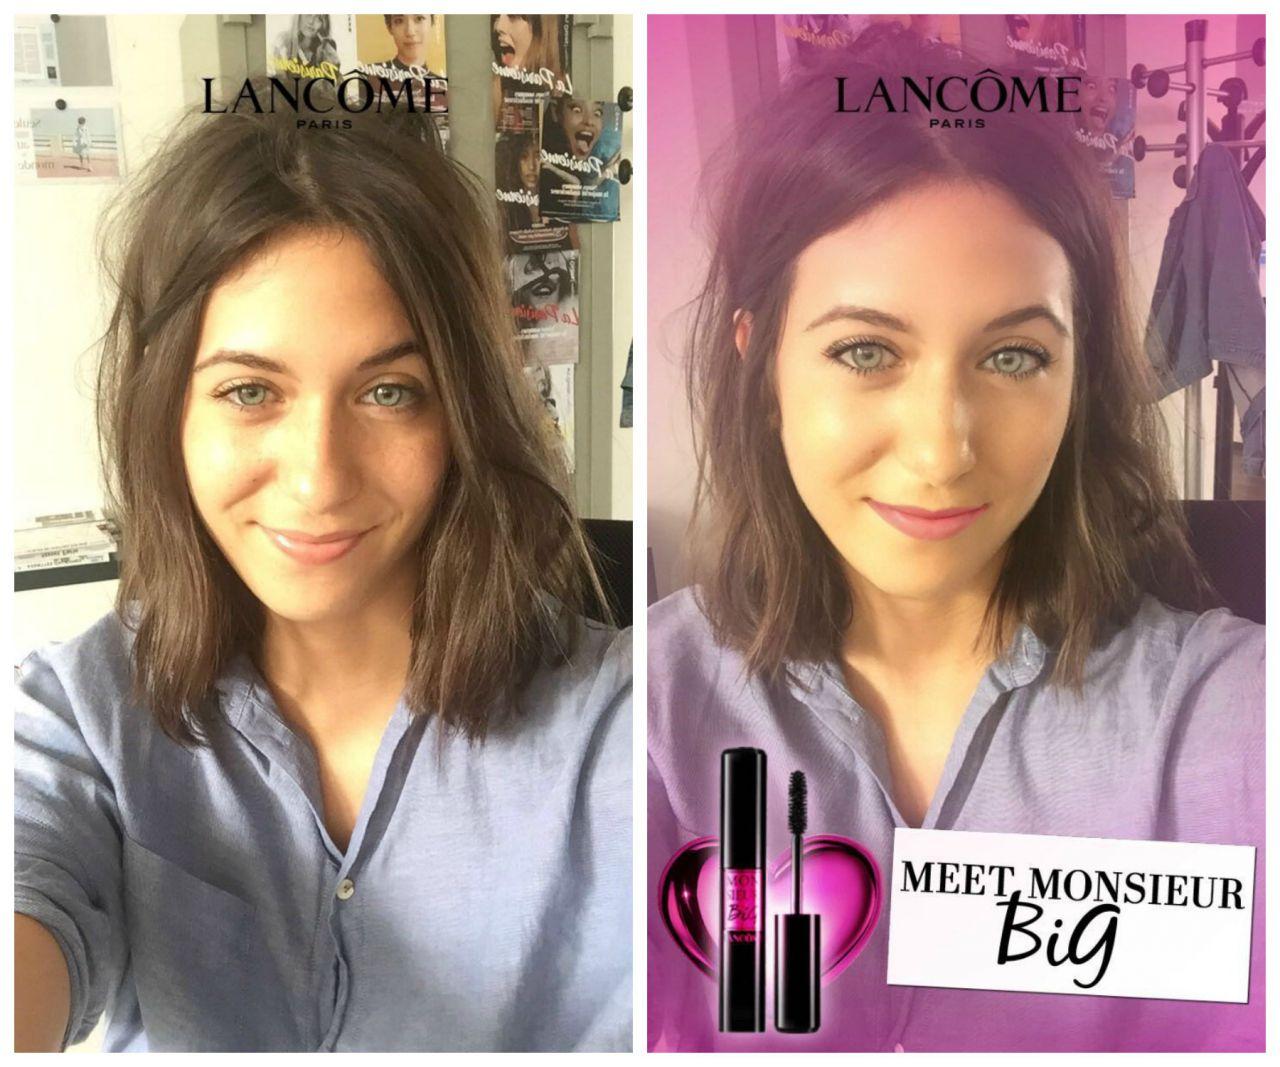 - Snapchat / Lancôme